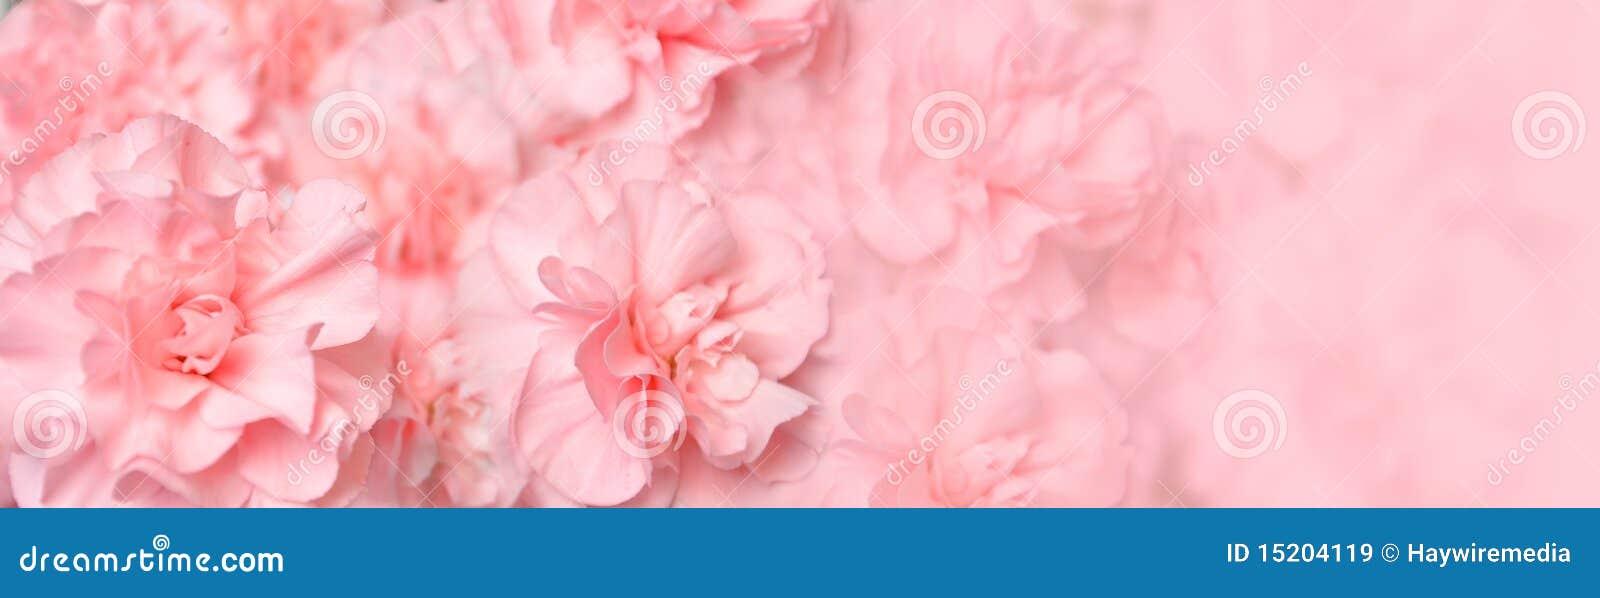 Cabecera rosada hermosa de la flor del clavel